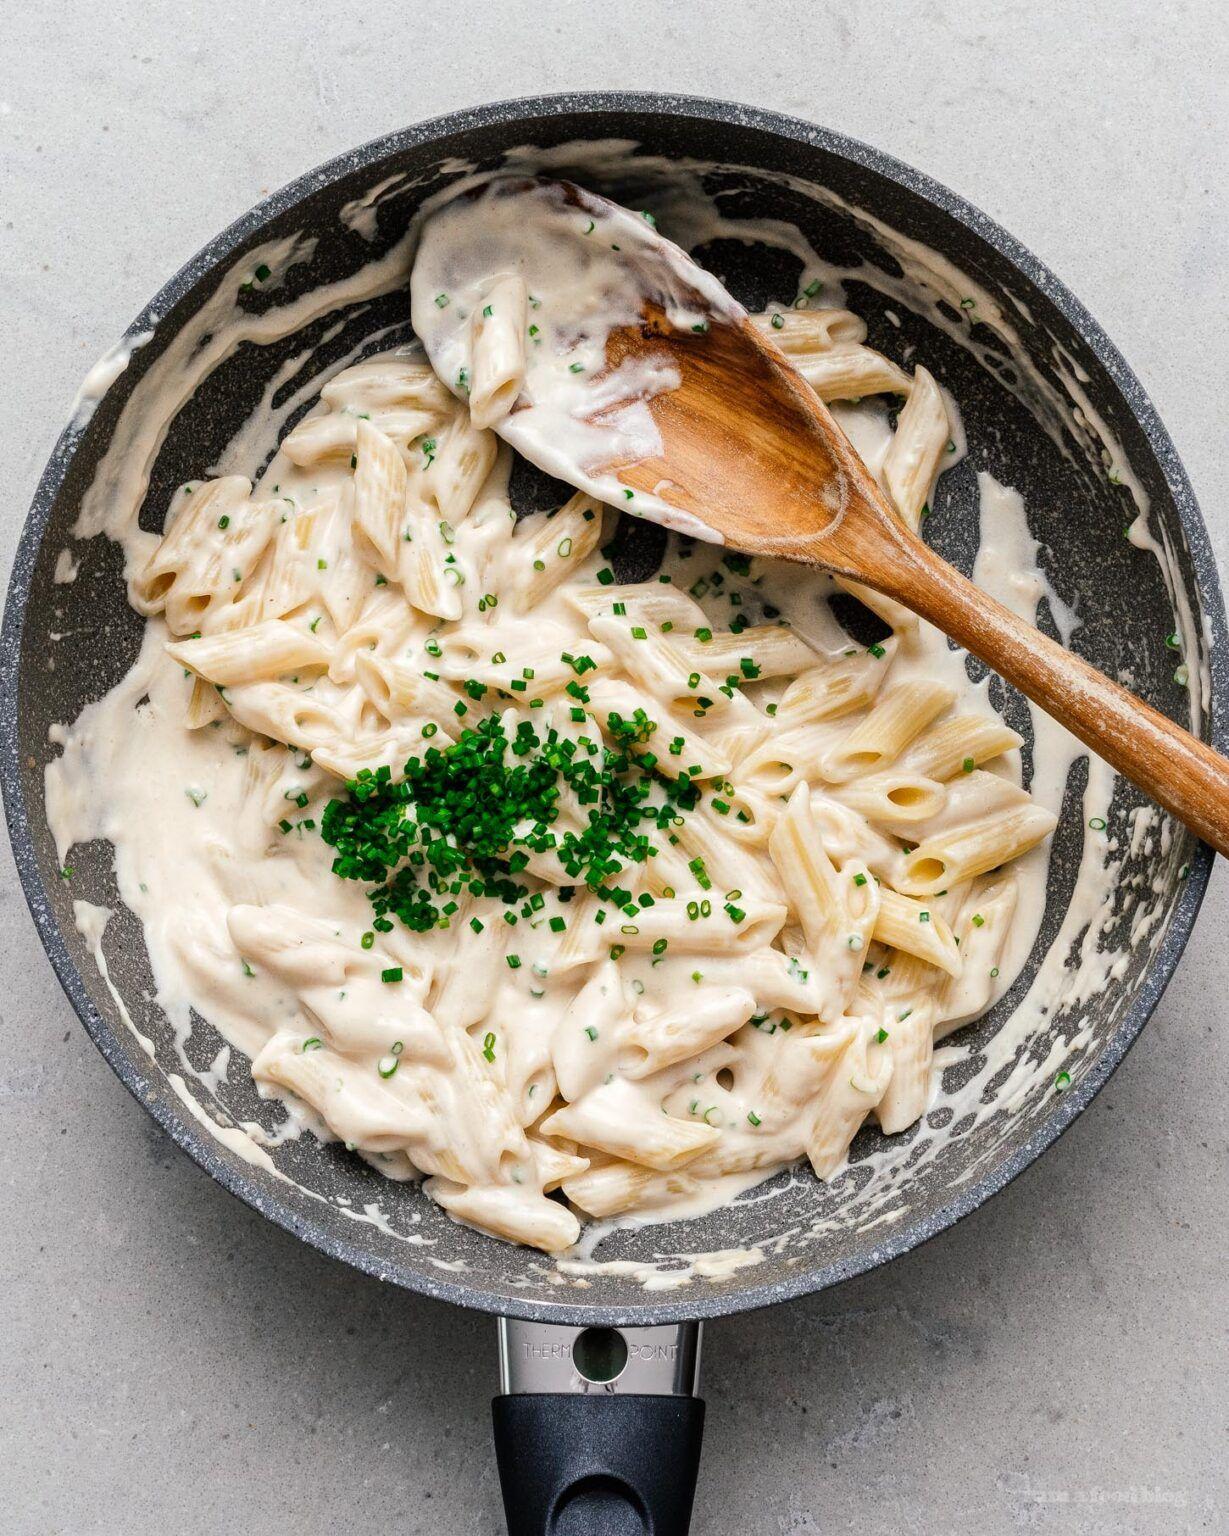 Sour Cream And Onion Pasta I Am A Food Blog I Am A Food Blog In 2020 Food Sour Cream And Onion A Food